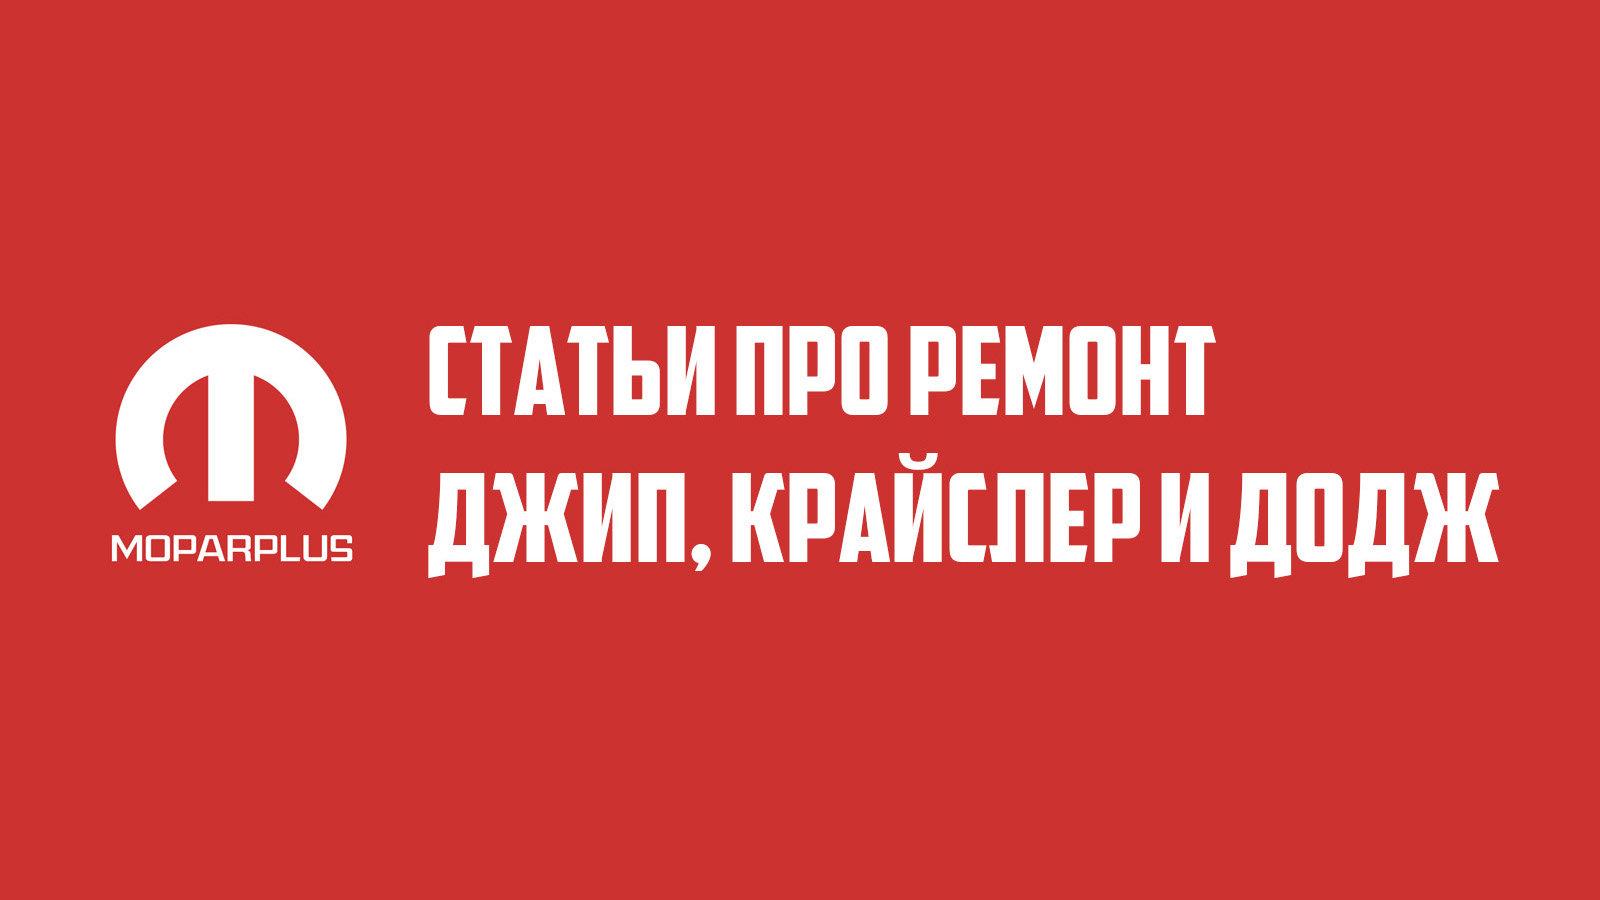 Статьи про ремонт. Выпуск №5.